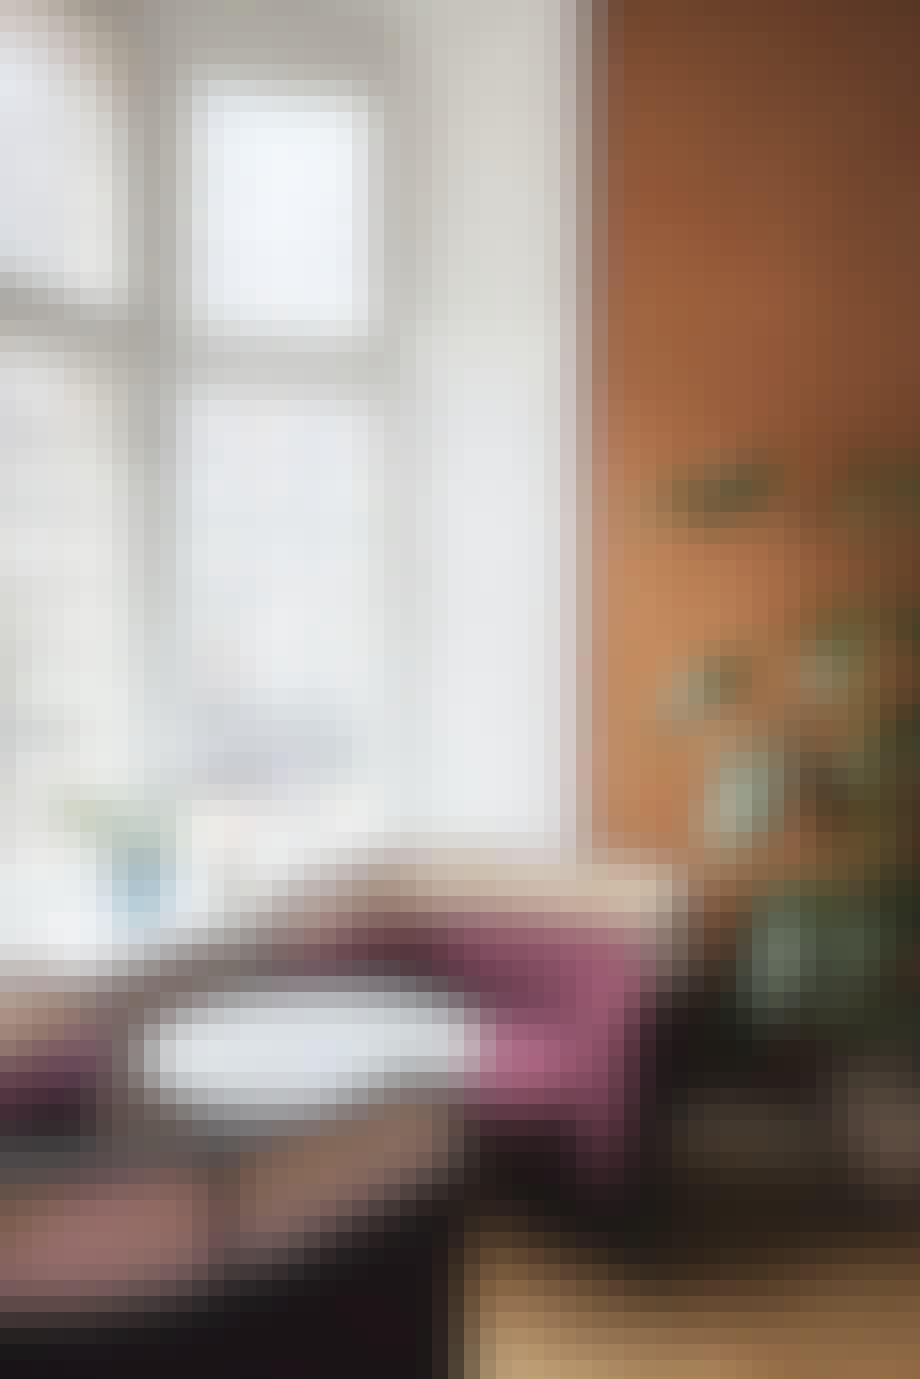 mødelokale indretning orange væg